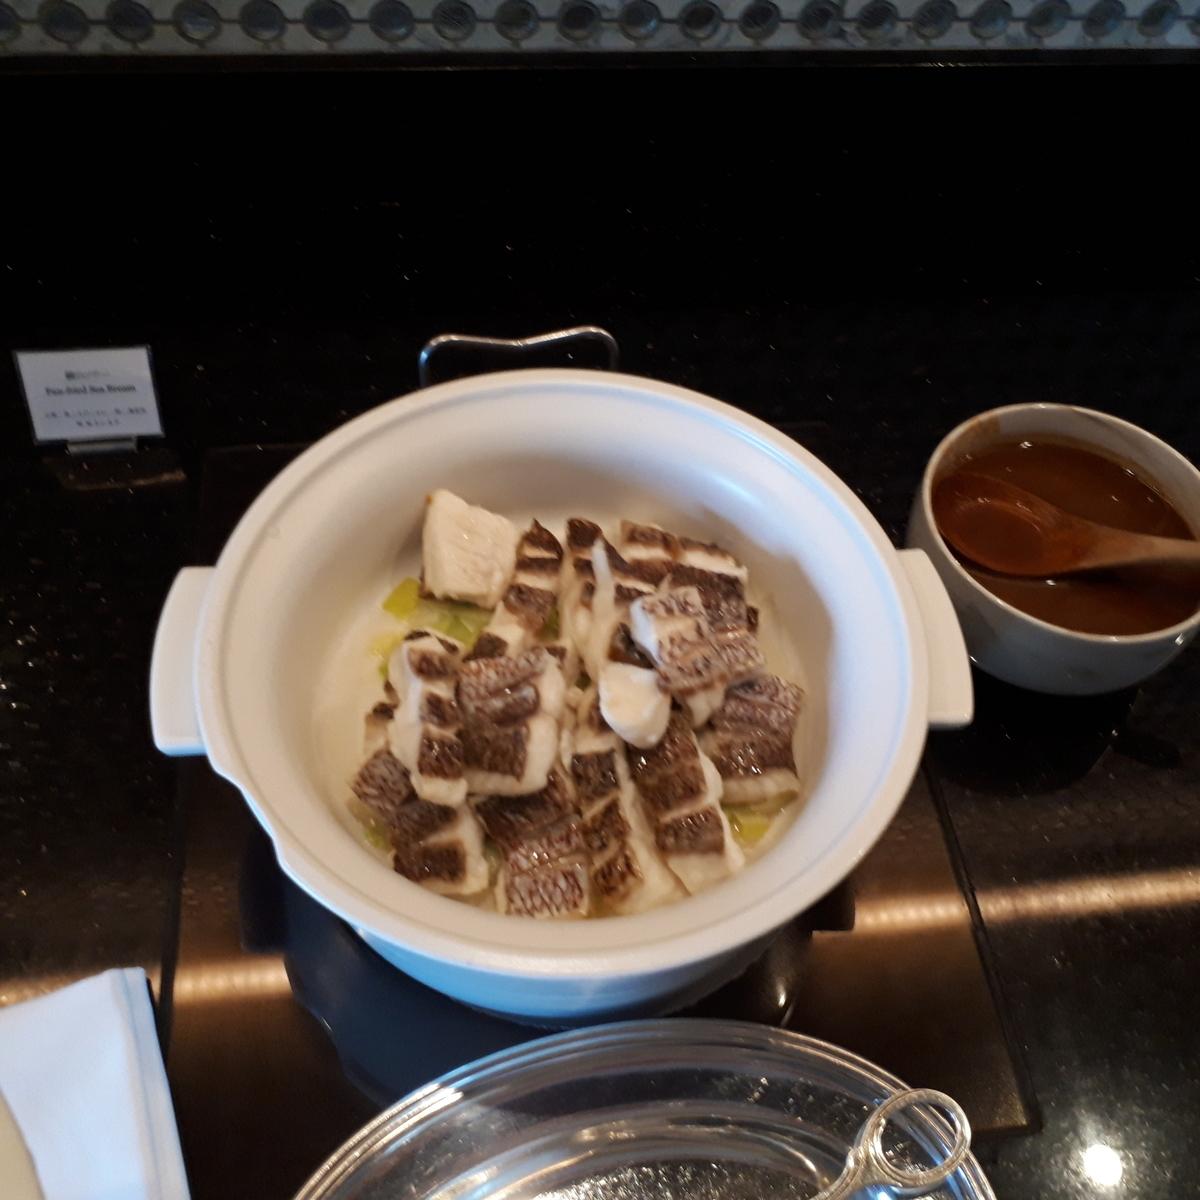 リッツカールトン大阪 クラブラウンジ 夕食前の前菜 鯛のソテー